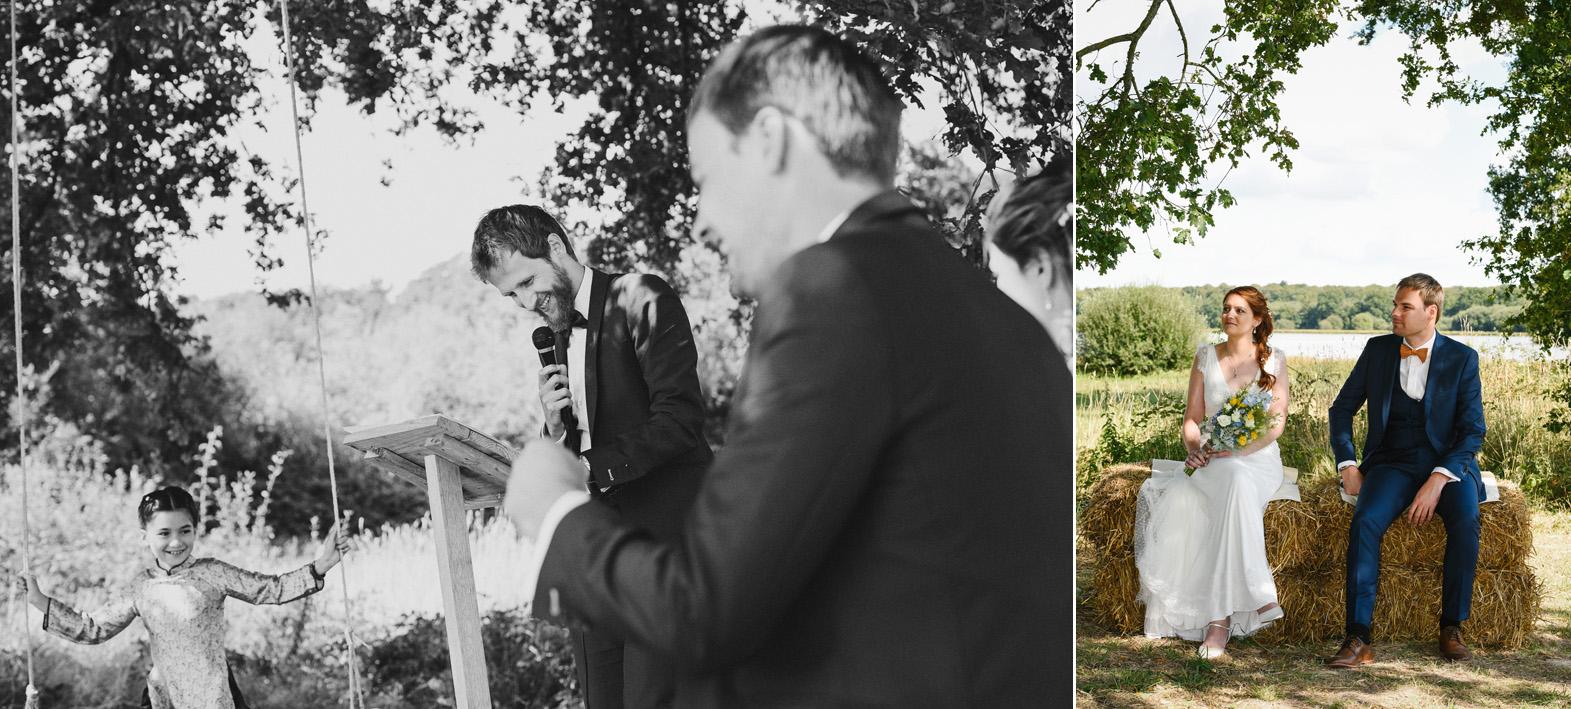 mariage_MT_les Faucheries_72_Sarthe_photographie_clemence_dubois_MEP 9